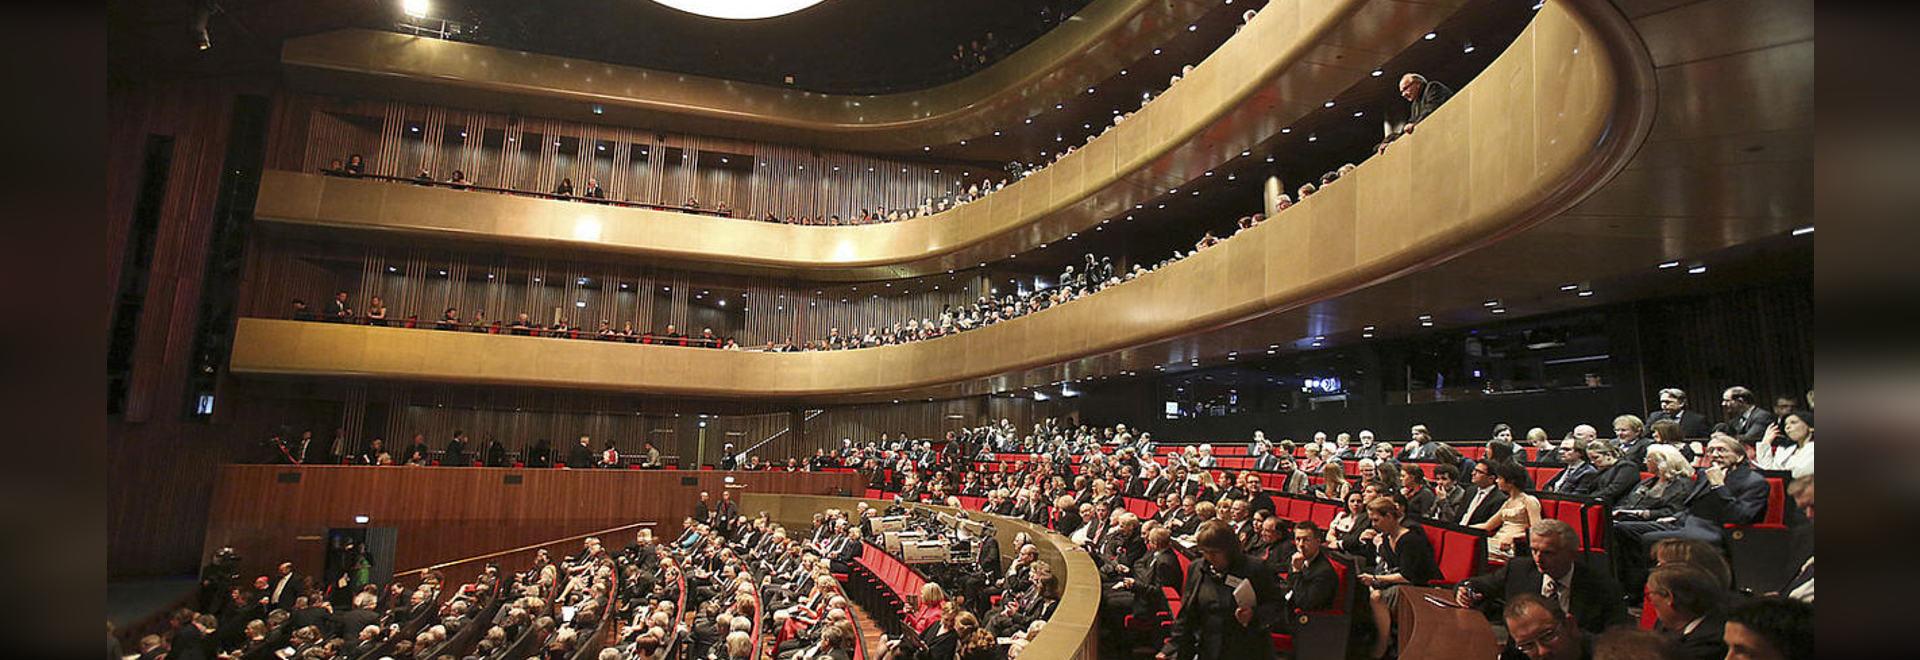 Isolation saine et isolement de vibration dans le théâtre de musique à Linz, Autriche